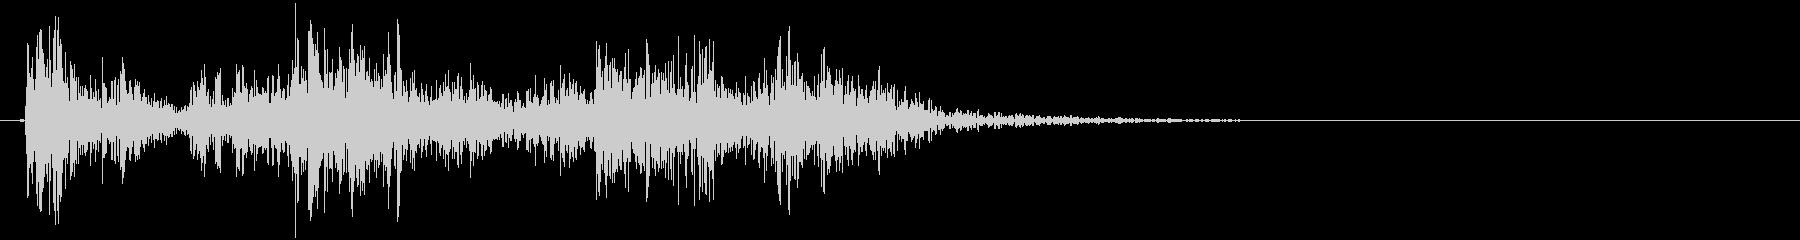 ヘビーメタルヒットとロールメタルの影響の未再生の波形